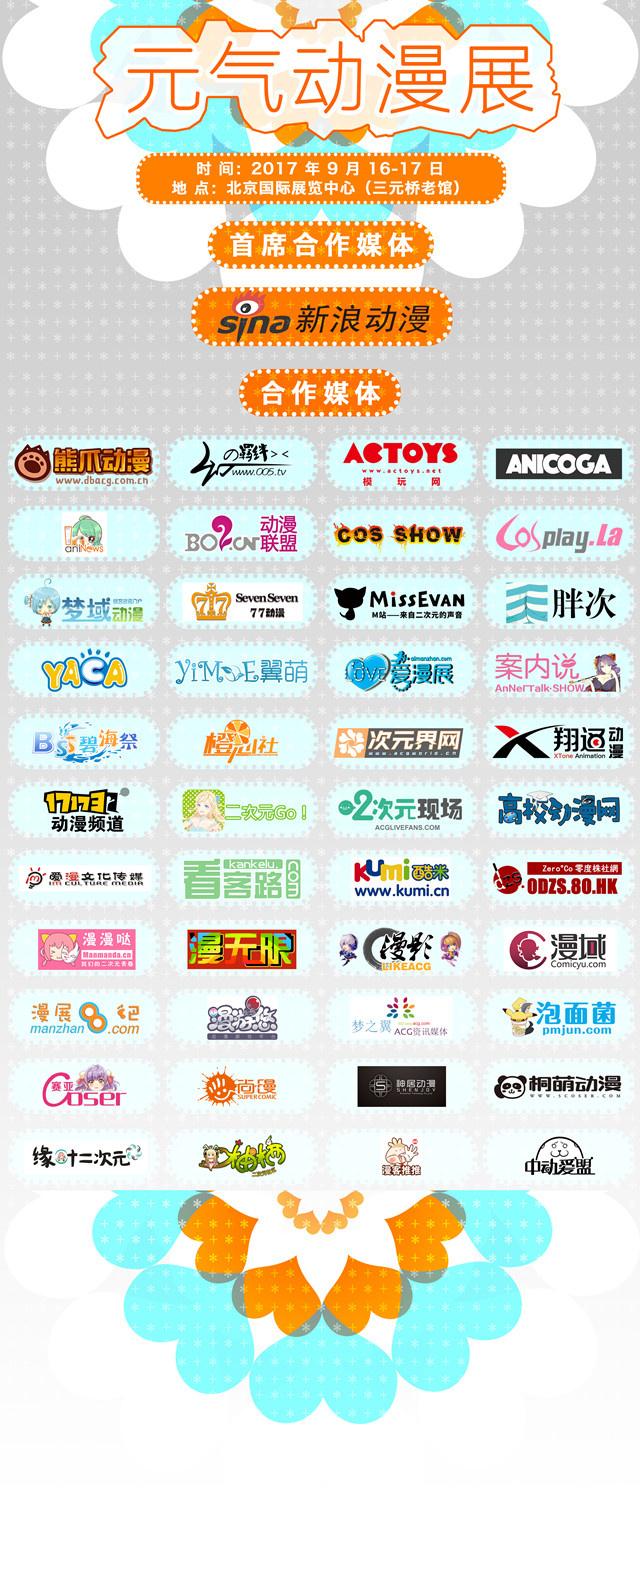 元气动漫展正式启动!9月16-17两天北京老国展与你不见不散-看客路